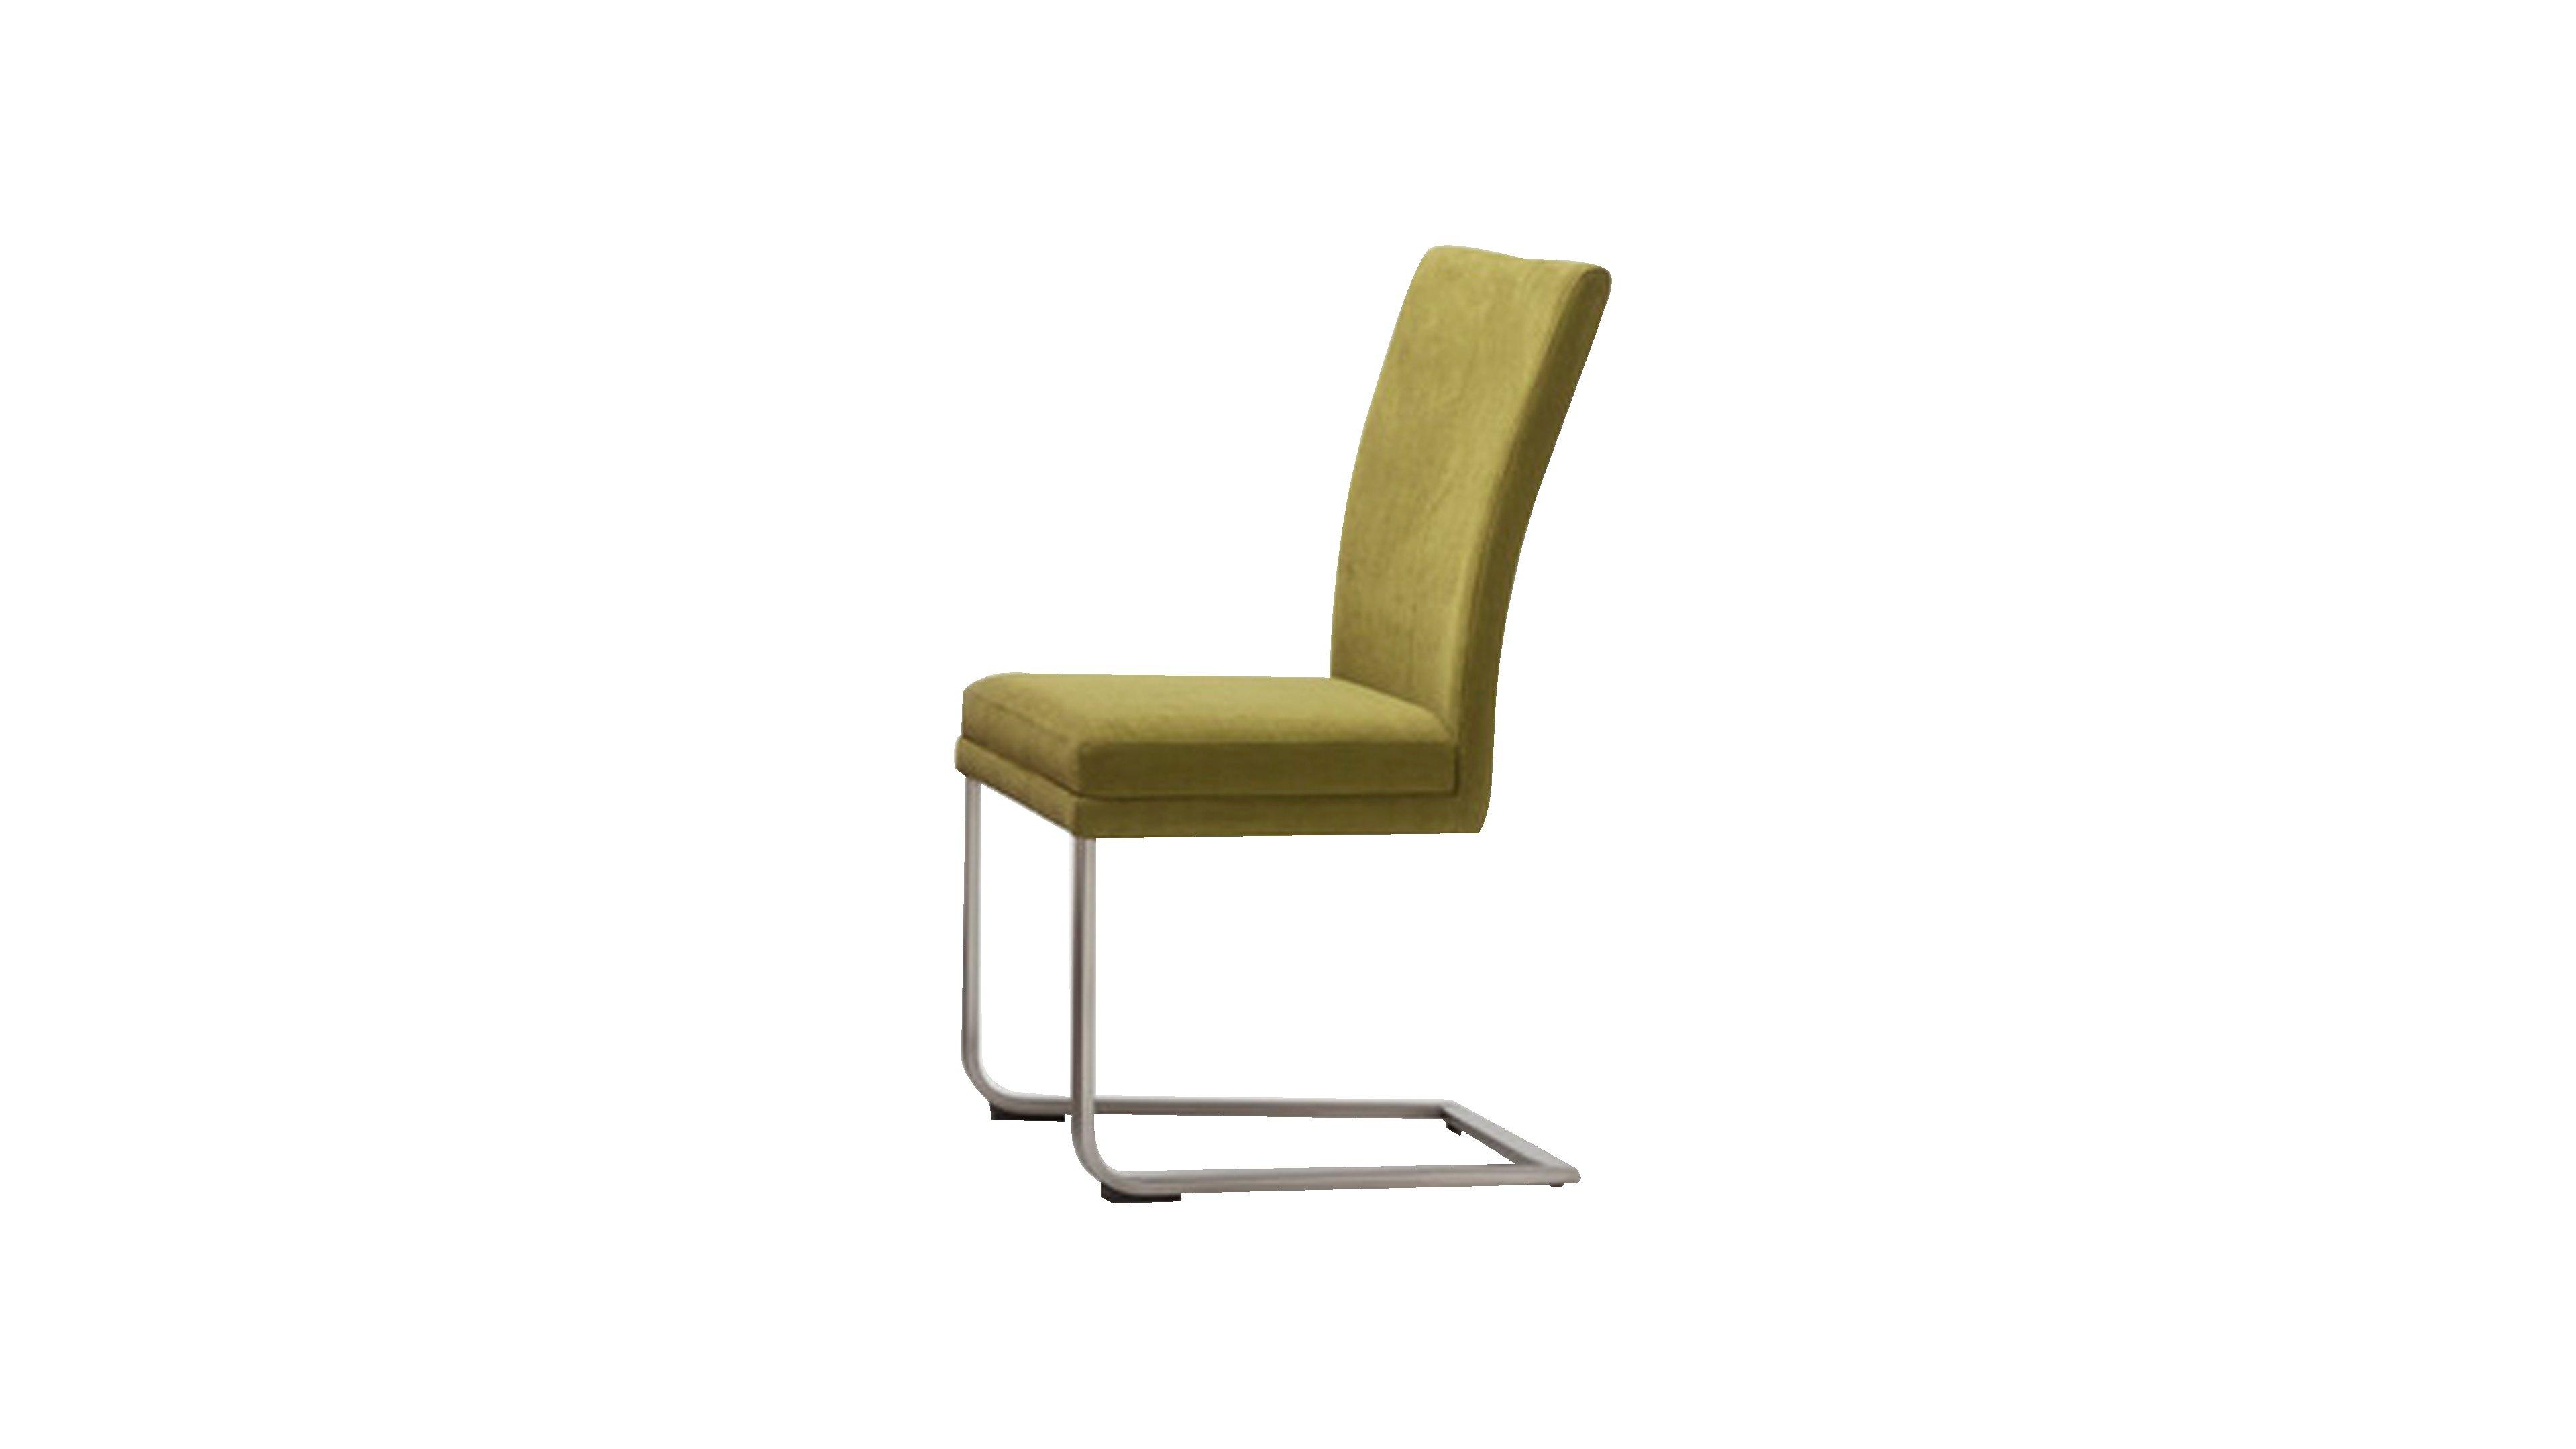 Schwingstuhl LaVie (Color Line) Grün Cleverclean Fresh, Edelstahl